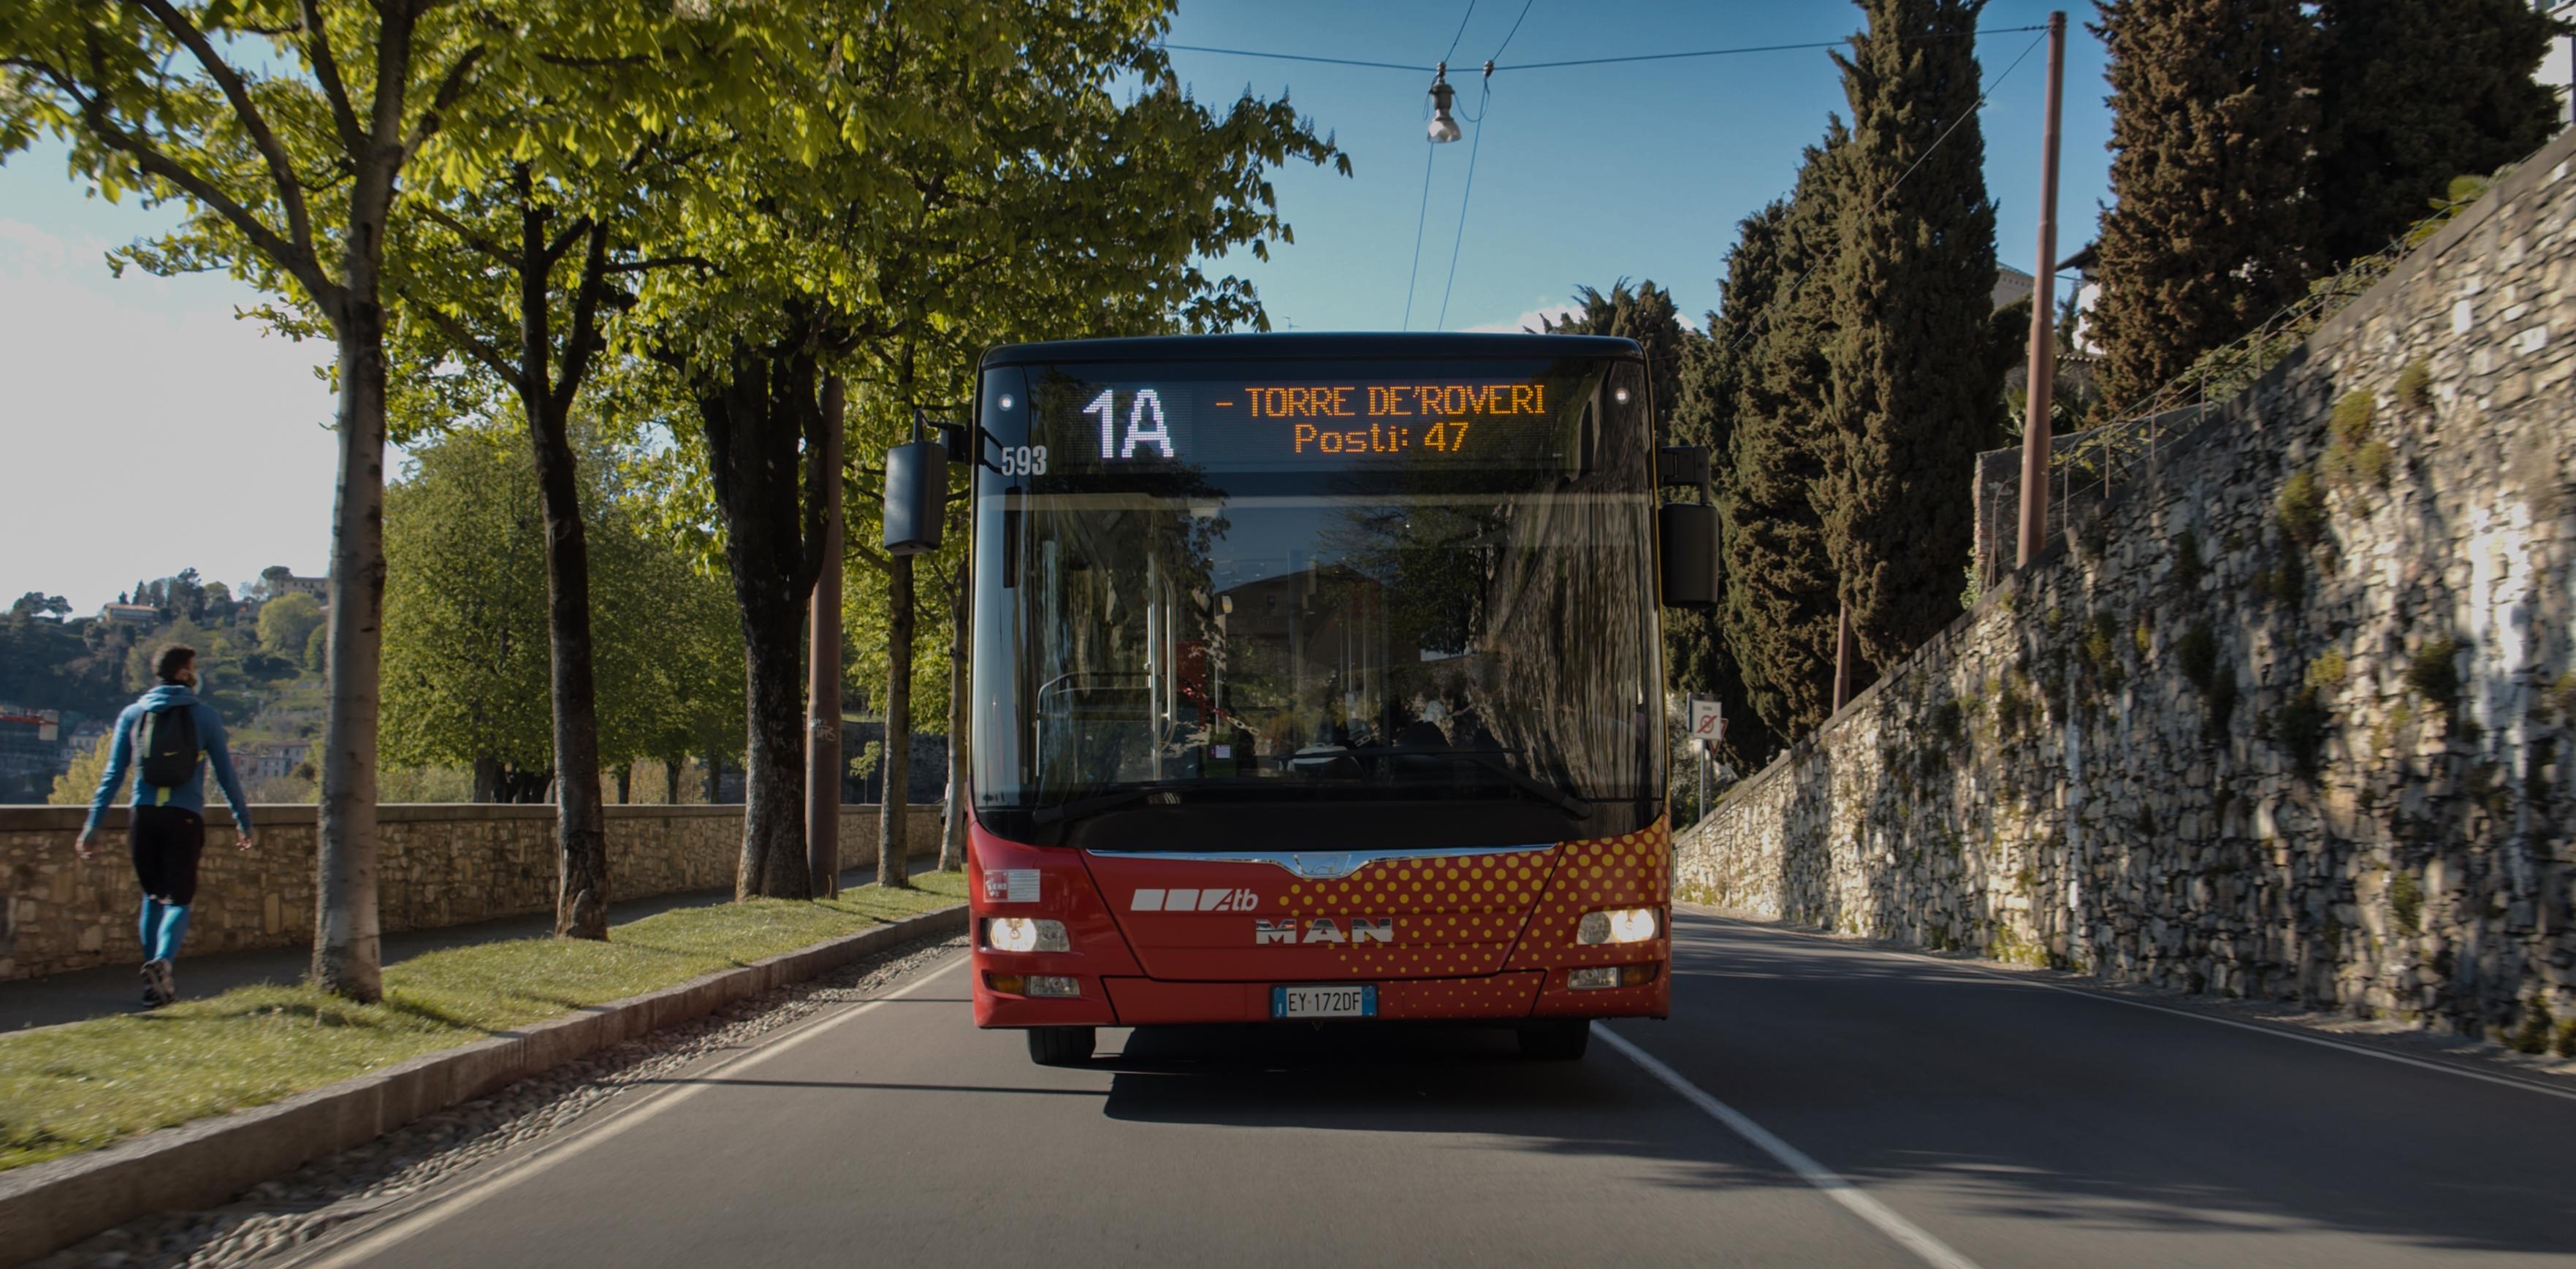 ATB Bergamo Bus: ATB Bergamo Bus